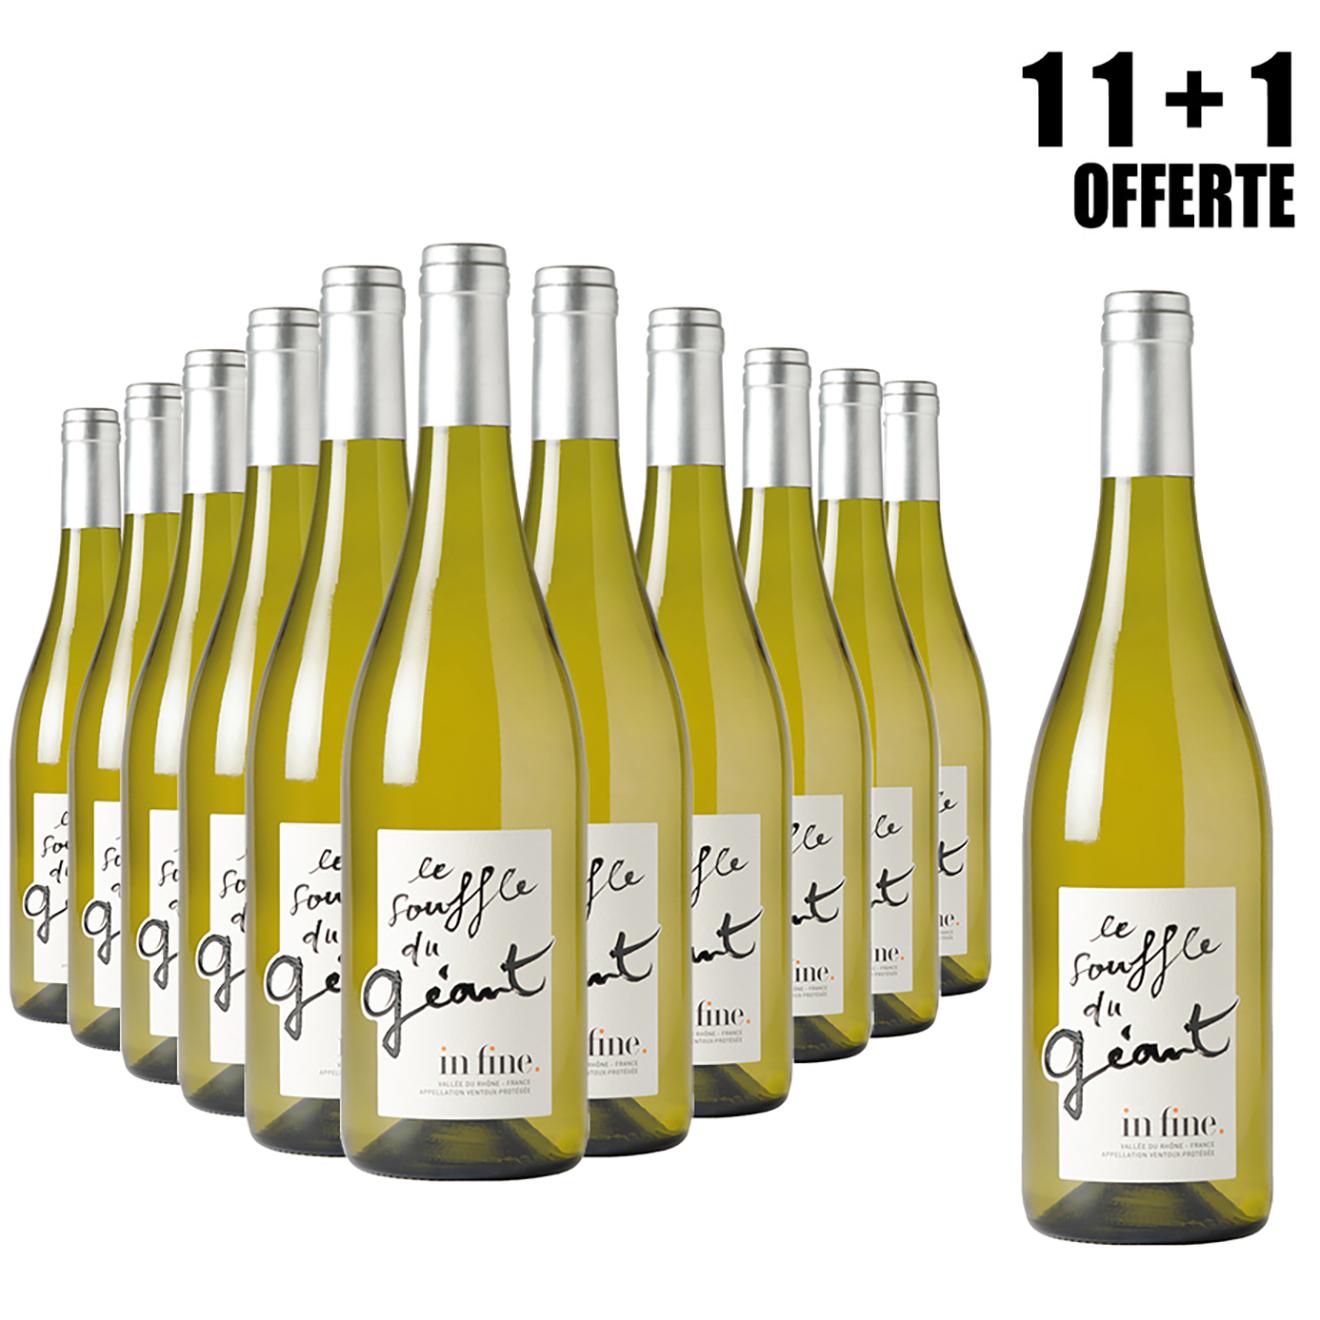 Lot de 11 Ventoux Blanc Souffle du Géant 2018 Cascavel 75cl + 1 Offerte